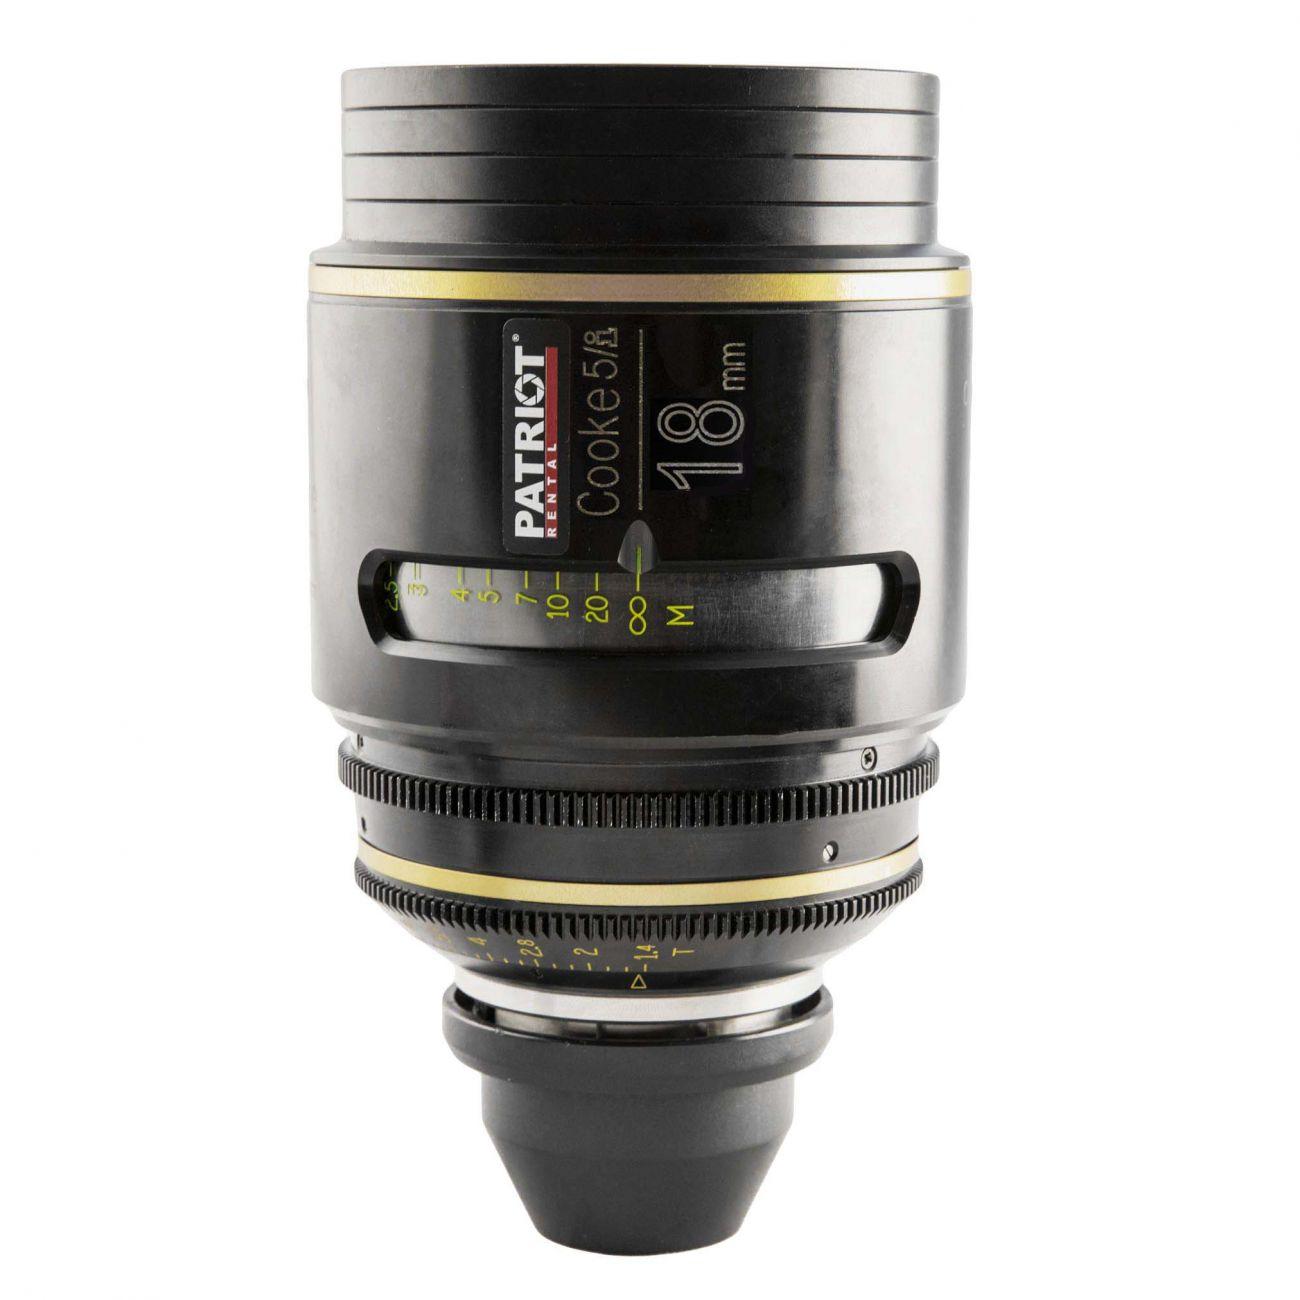 18mm COOKE 5/i lens T1.4